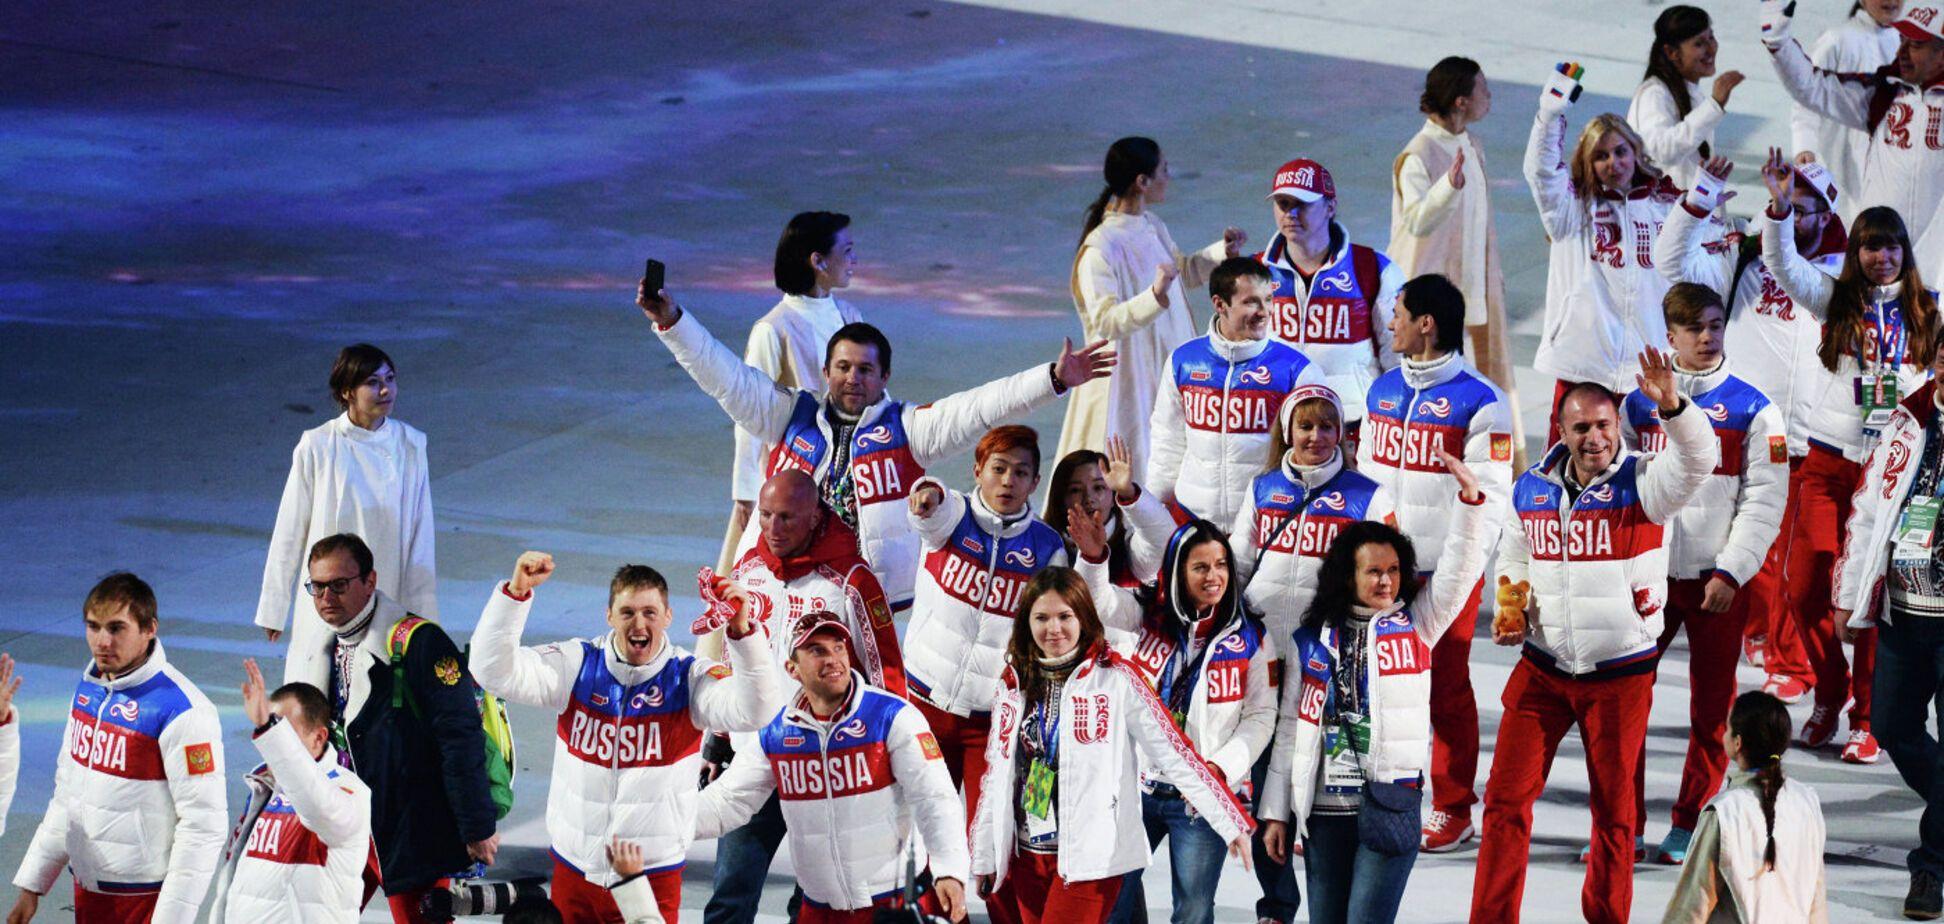 Нардеп пояснив, чому російські спортсмени 'сидять' на допінгу